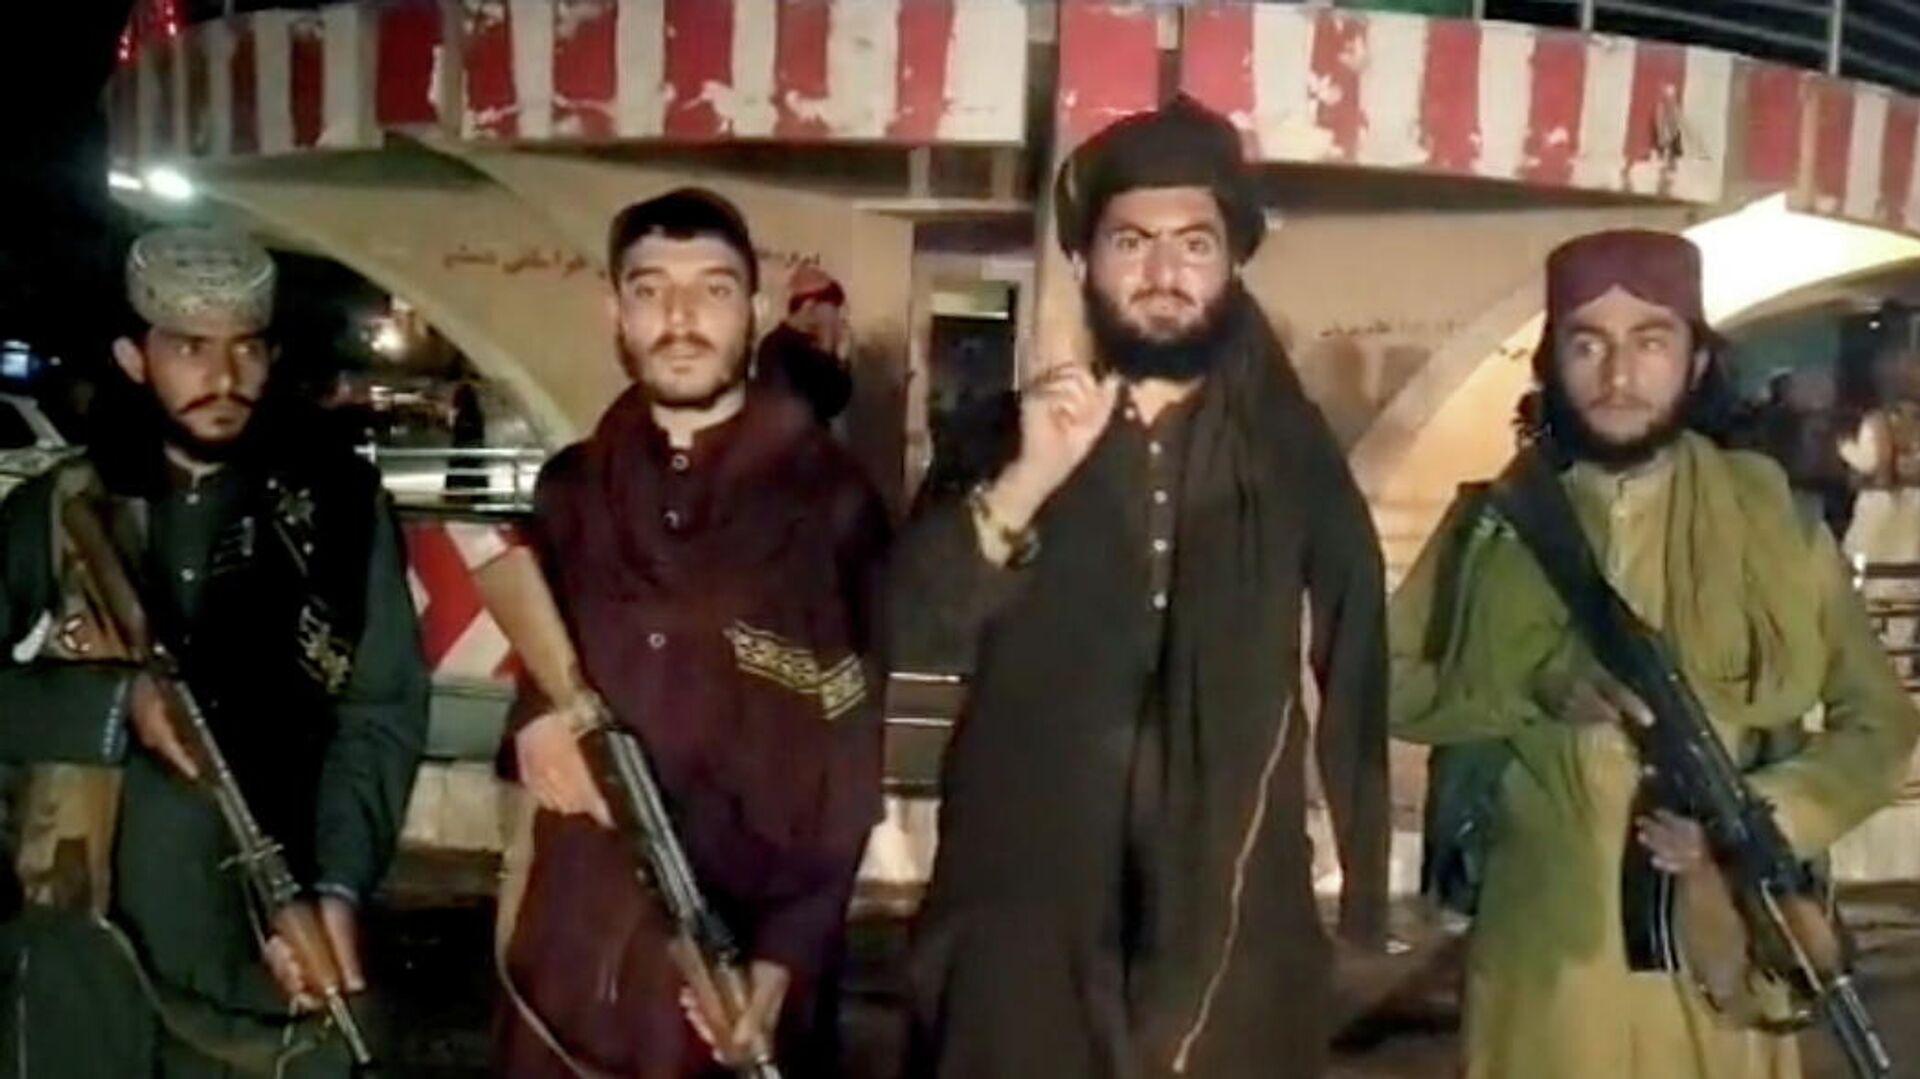 Afganistan'ın Baglan vilayetinin yönetim merkezi Pul-i Humri'yi ele geçiren Taliban militanları açıklama yaparken - Sputnik Türkiye, 1920, 12.08.2021